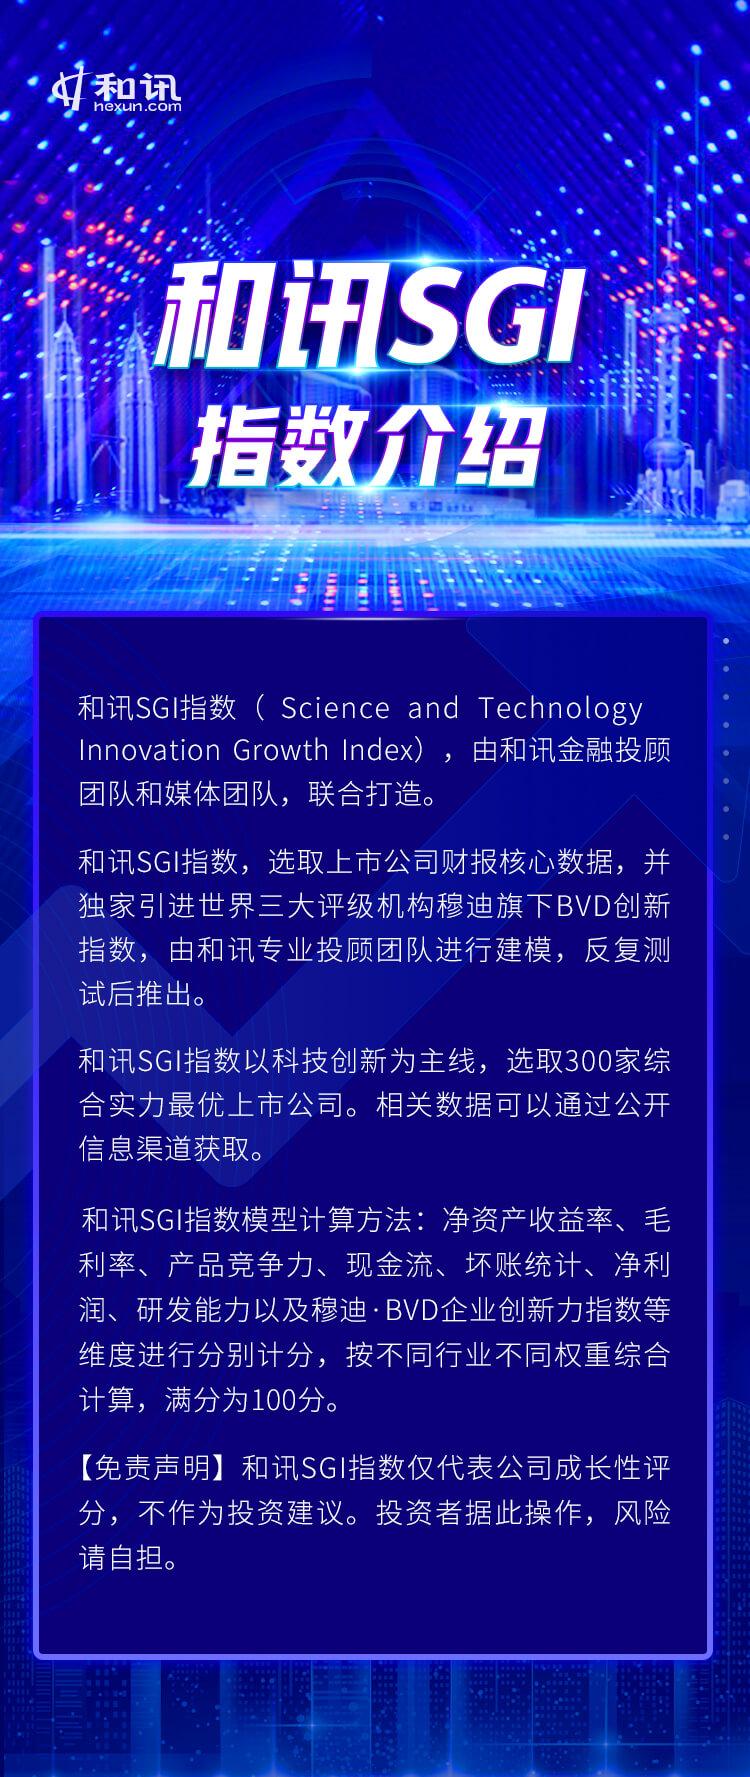 """和讯SGI公司 因""""碳中和""""备受瞩目!威胜信息和讯SGI评分持续下滑,未来成长性如何?"""